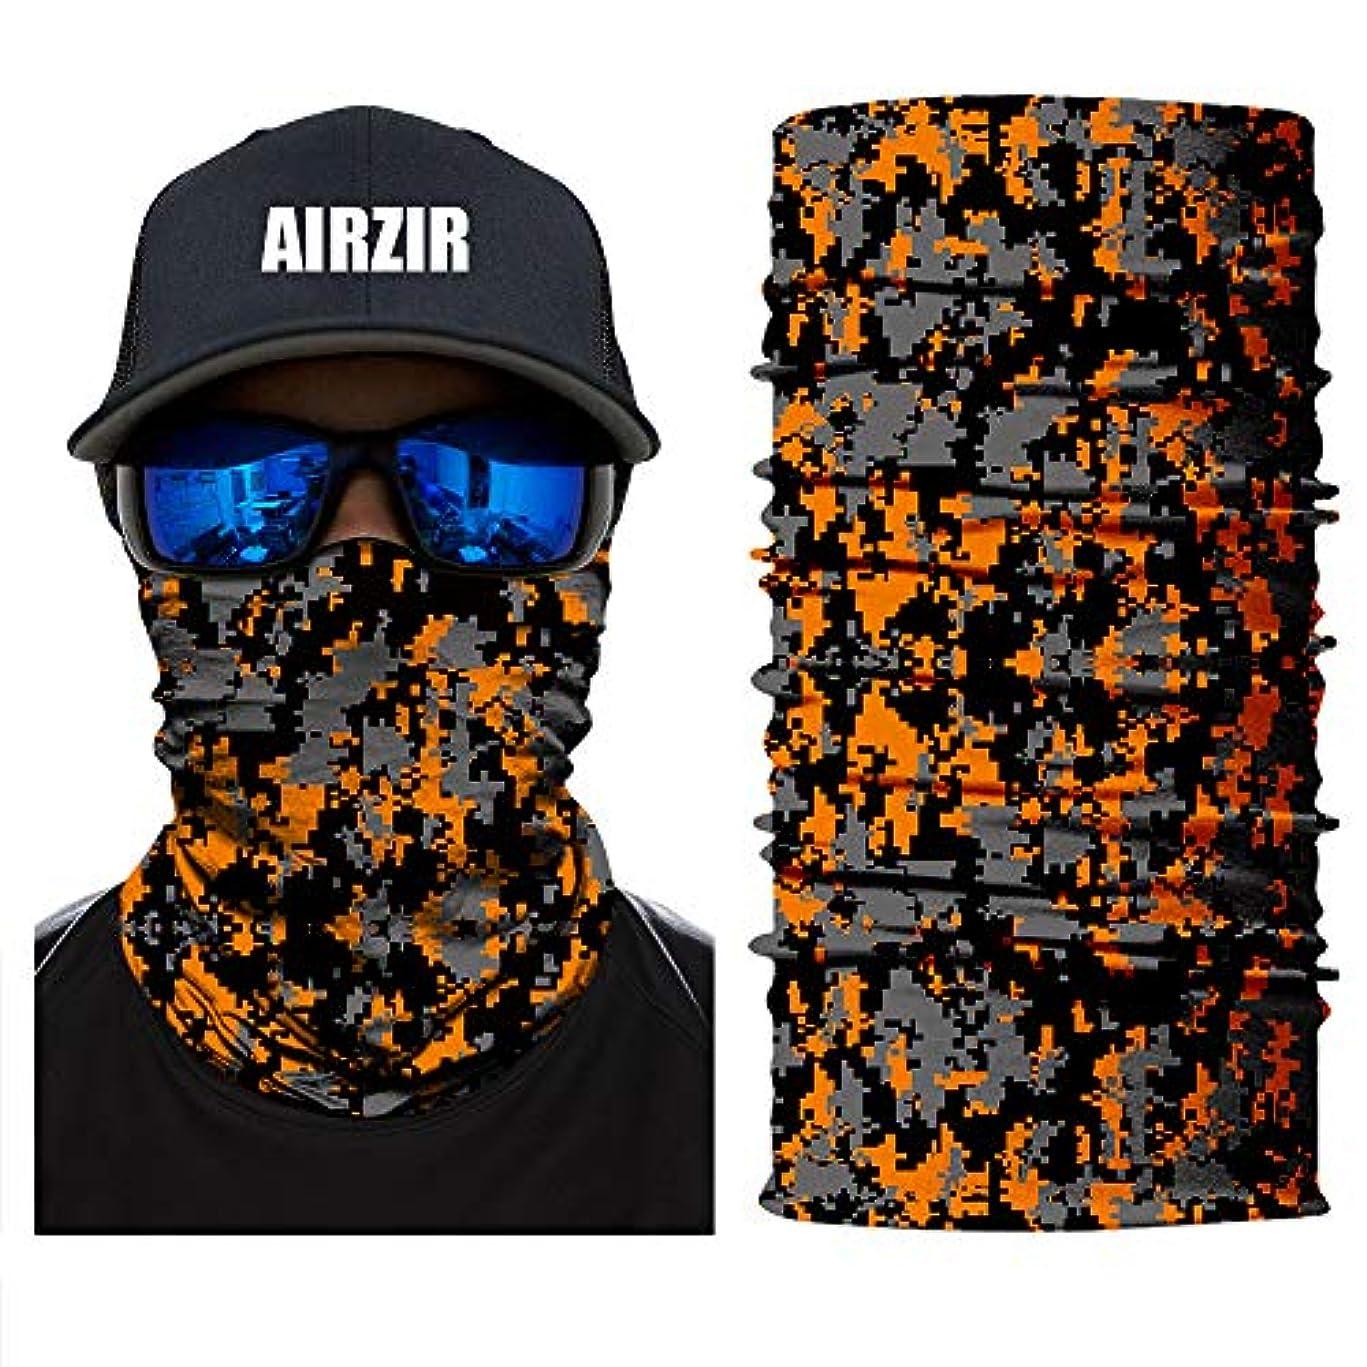 誰かそこ仮装Airzir プレミアム3D通気性シームレスチューブフェイスマスク 防塵UV保護 AIR-FM-PP